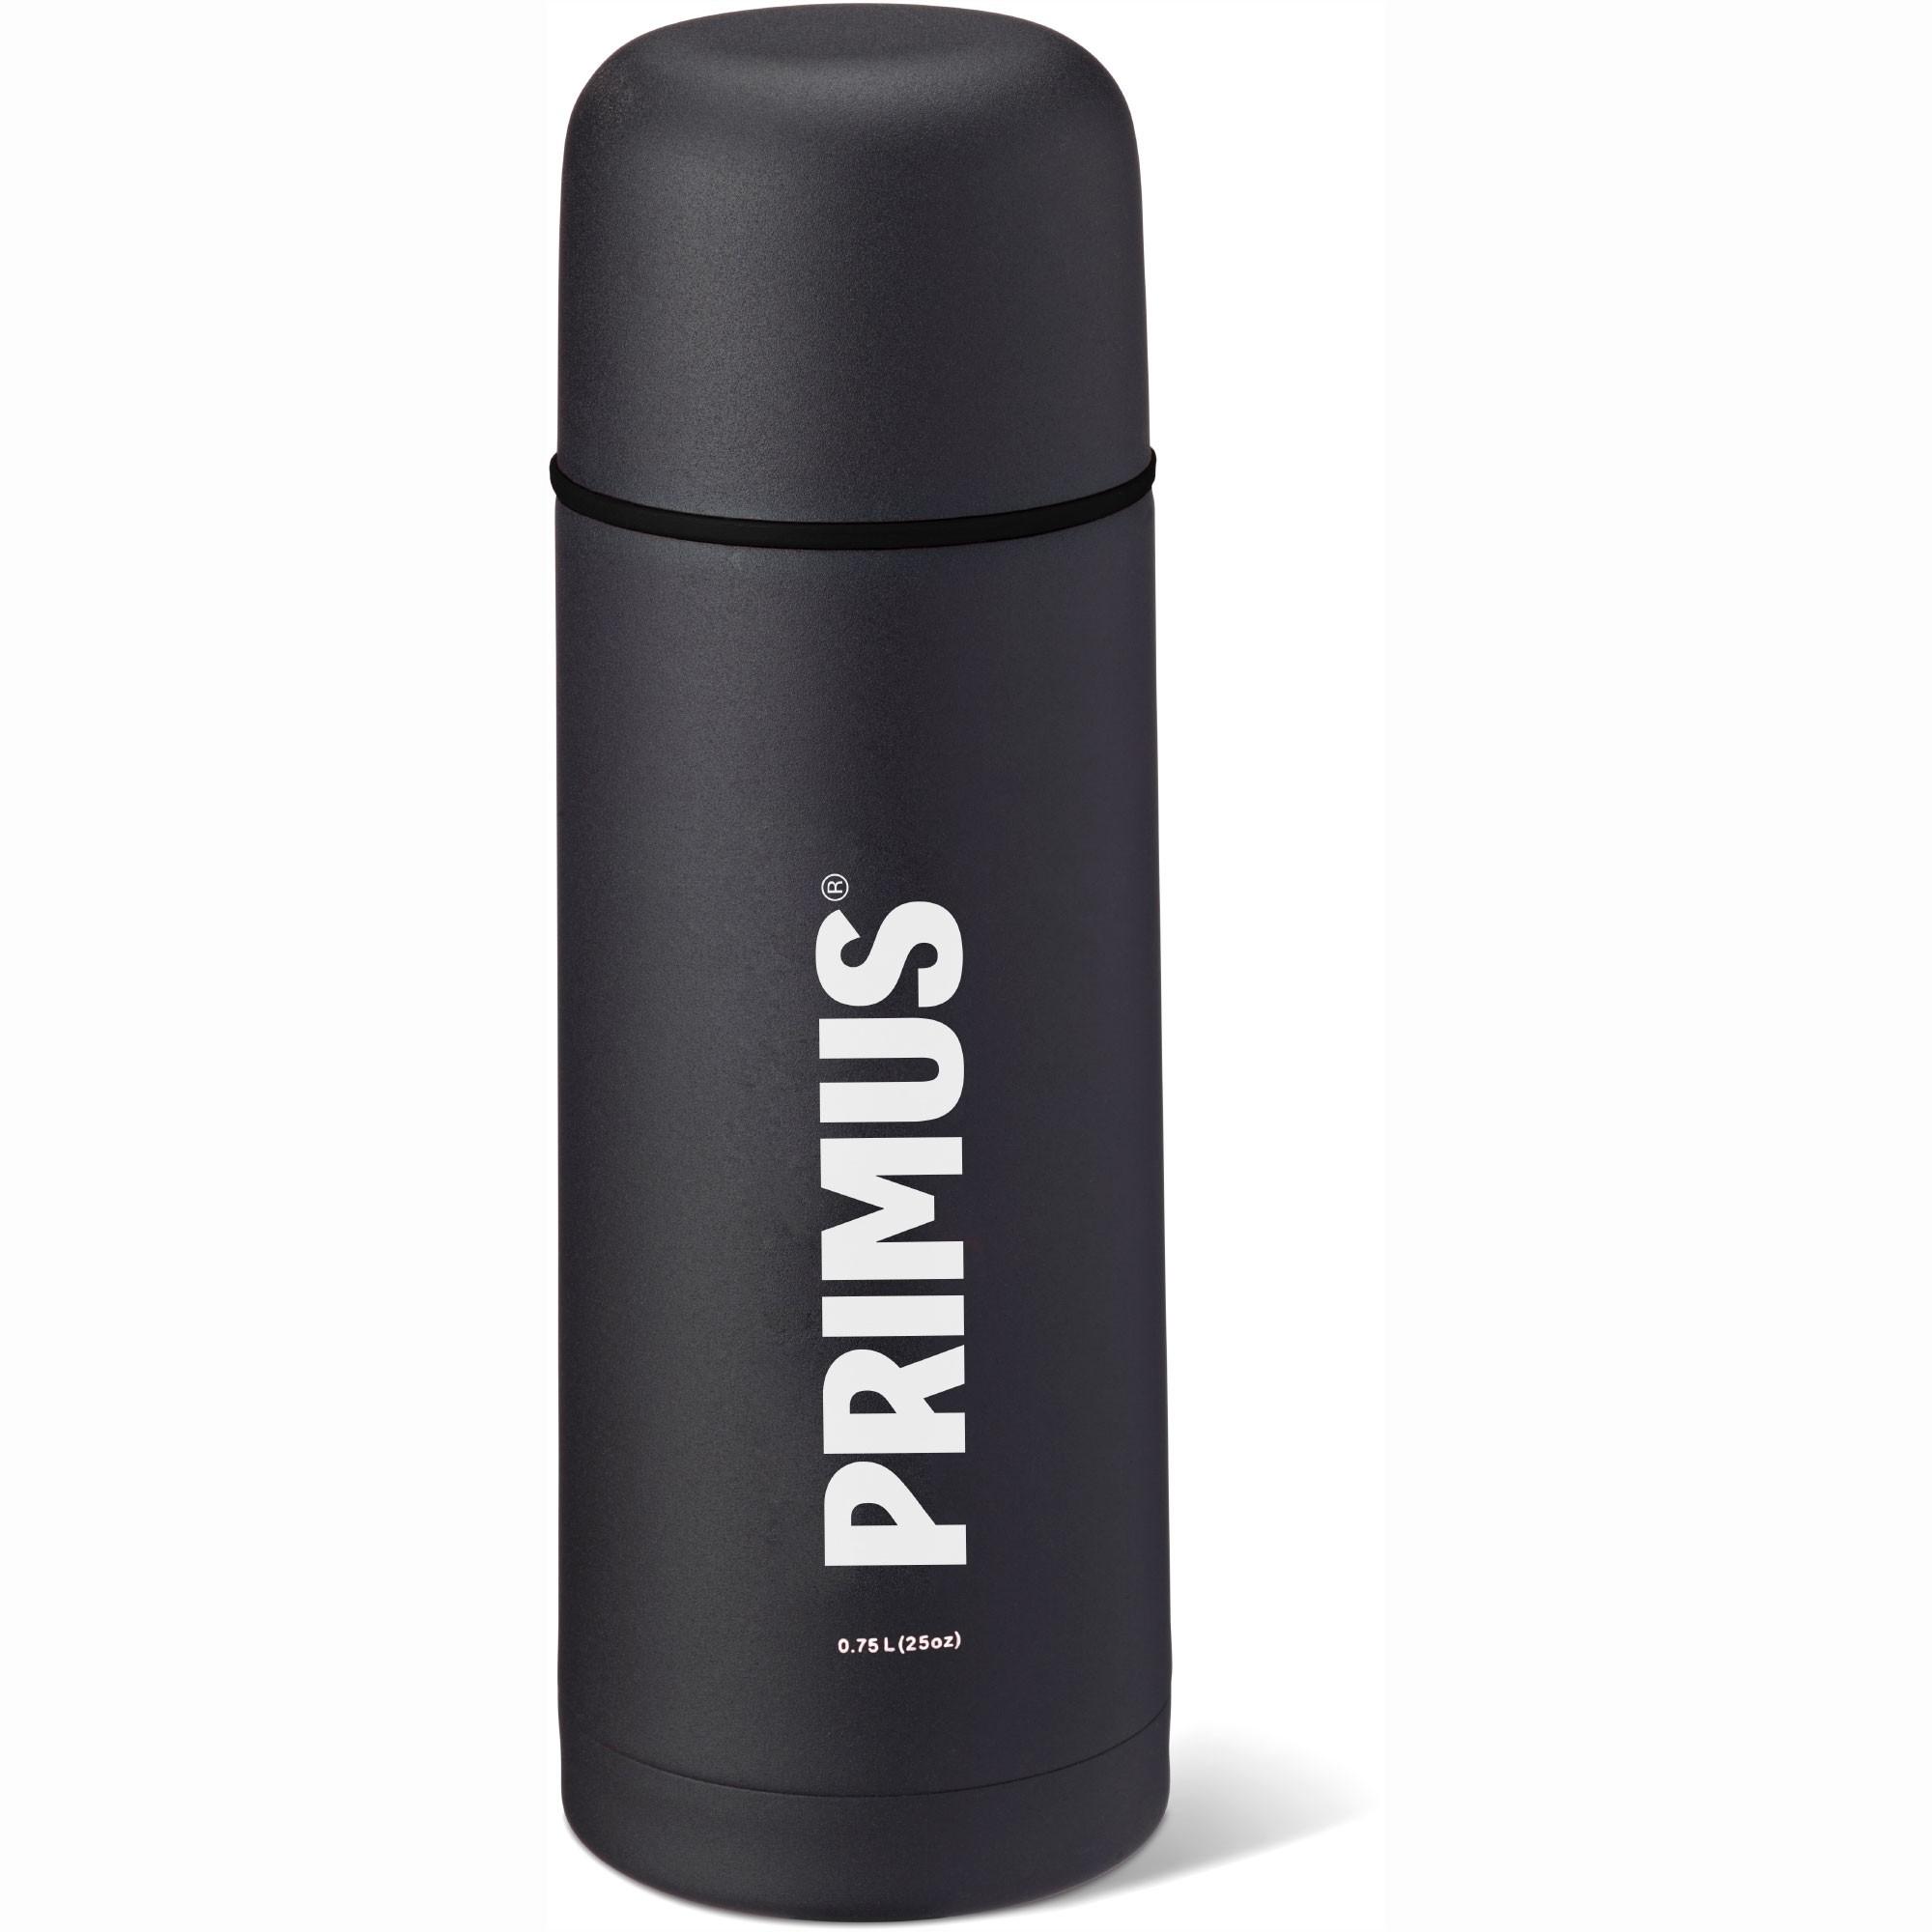 Primus Vacuum Bottle 0.75L - Black